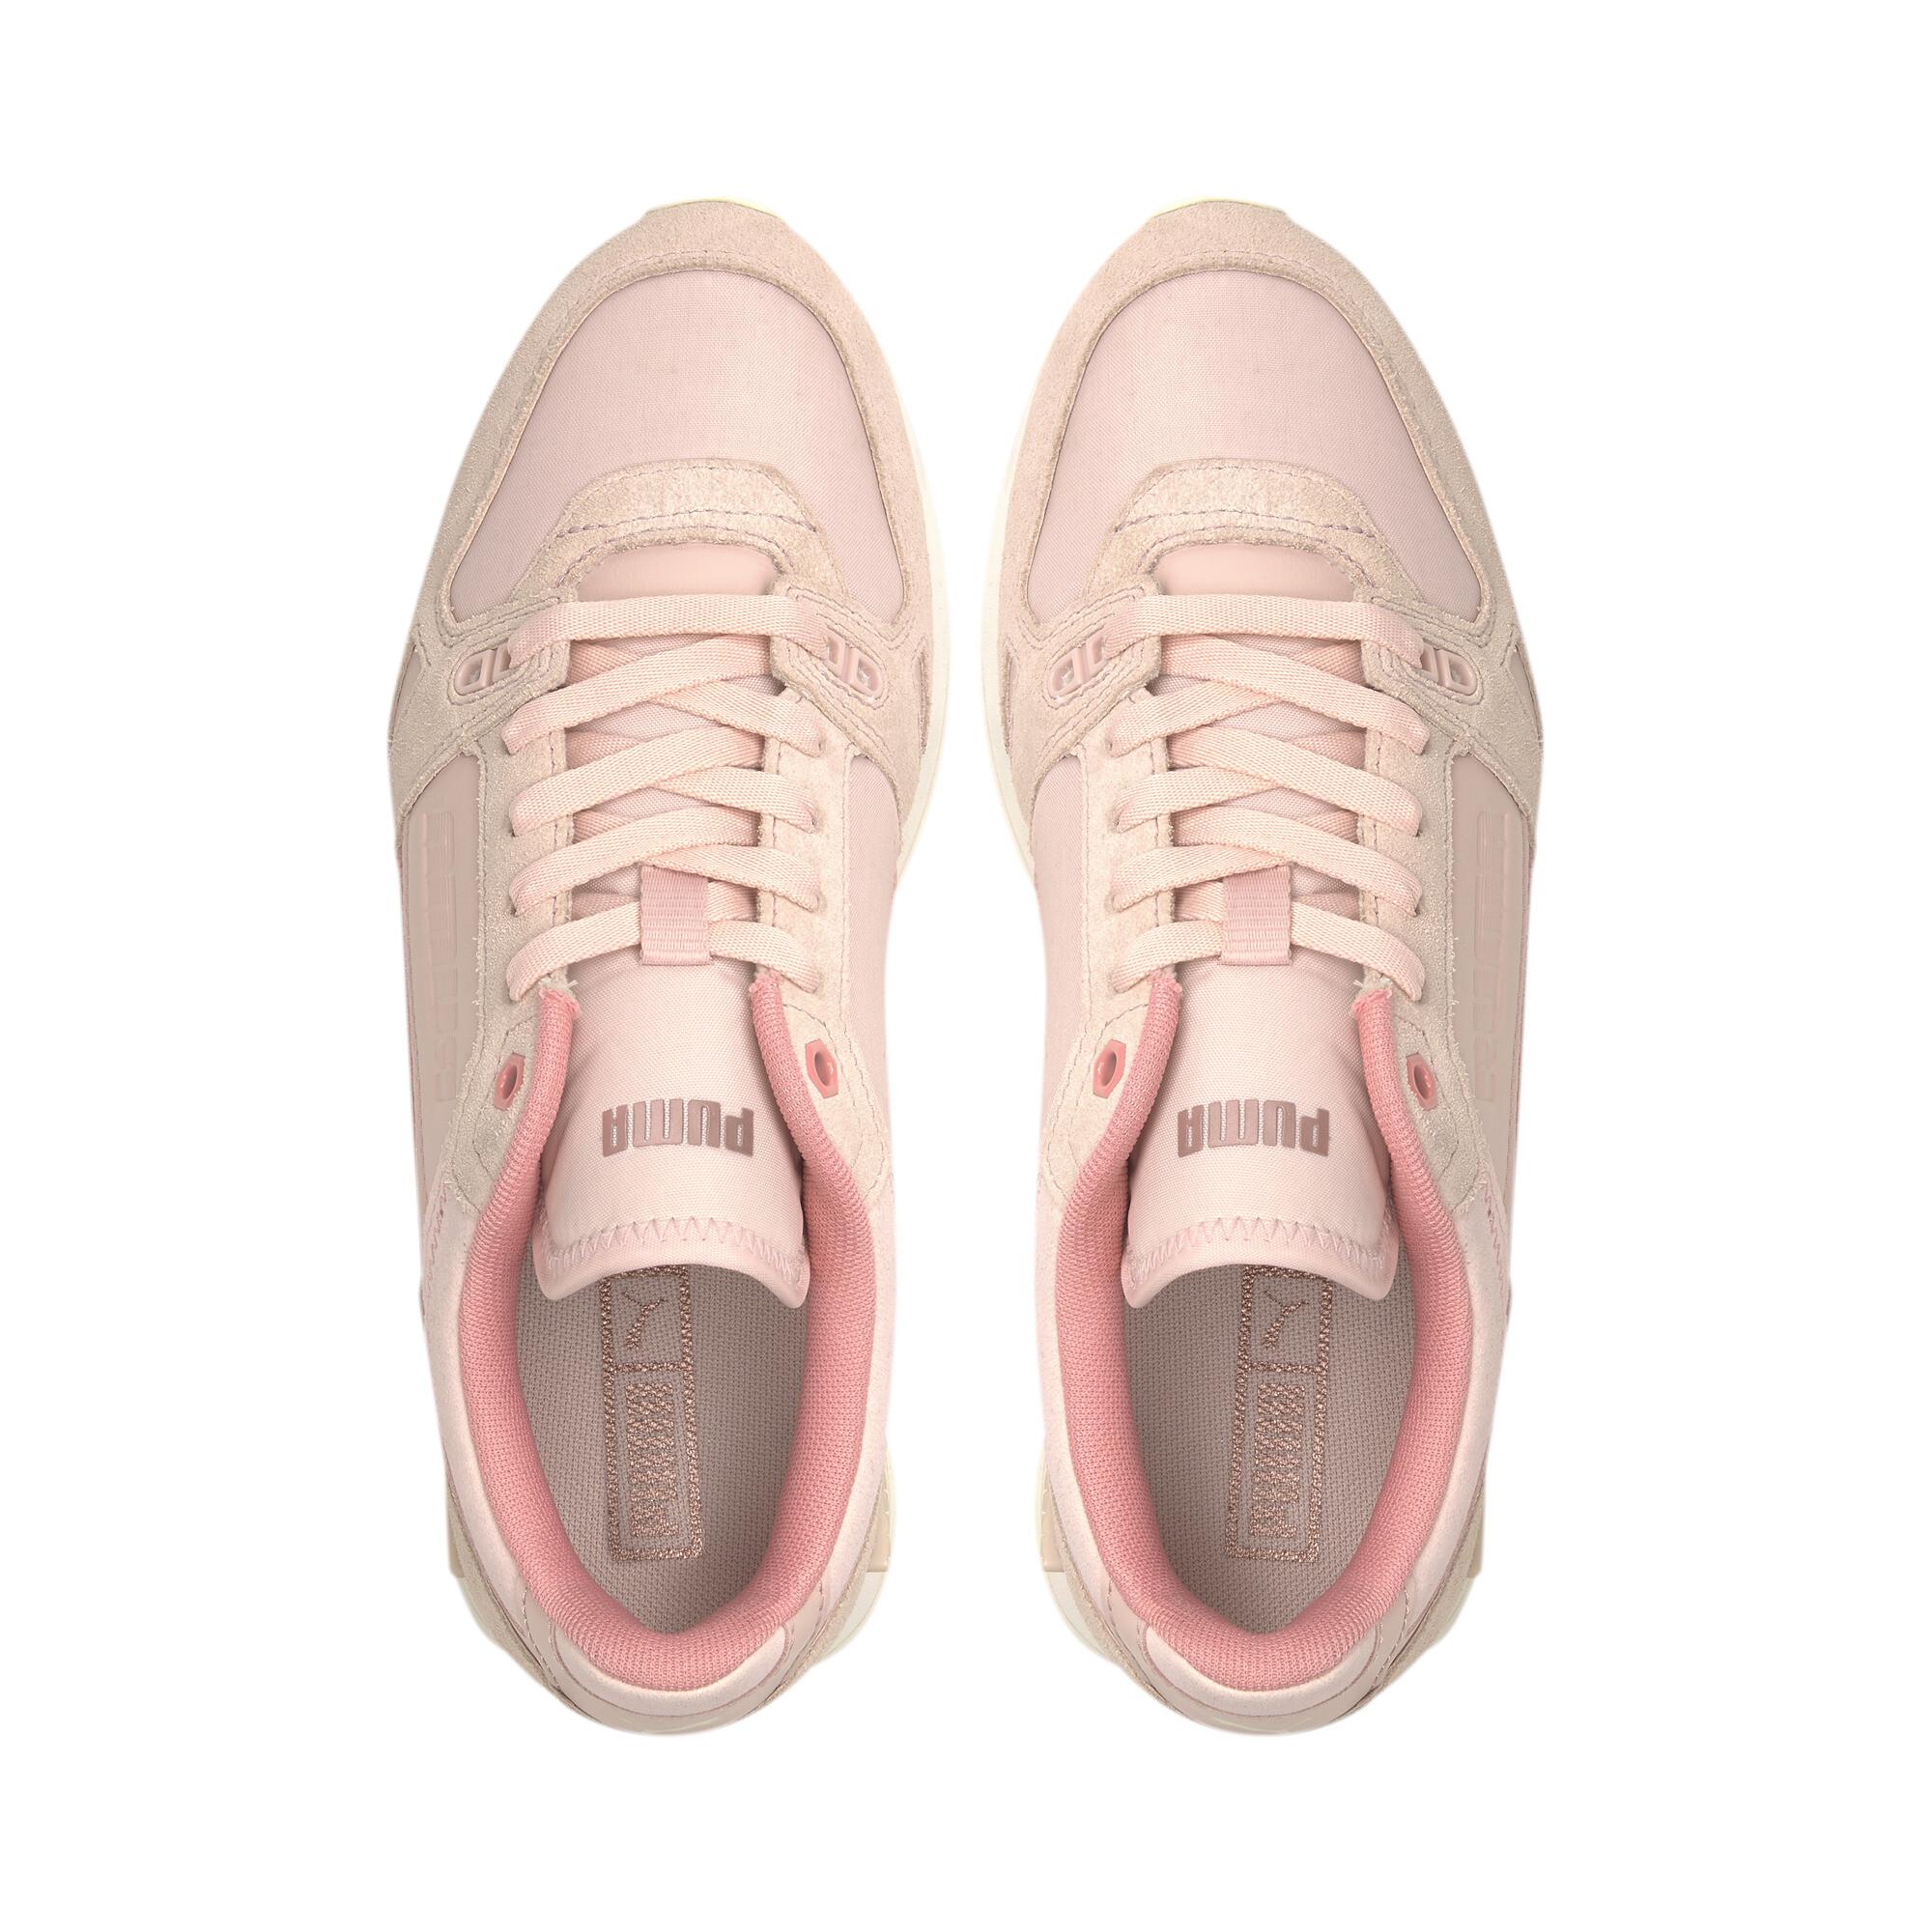 Indexbild 7 - PUMA-Mile-Rider-Chrome-Desert-Damen-Sneaker-Frauen-Schuhe-Neu